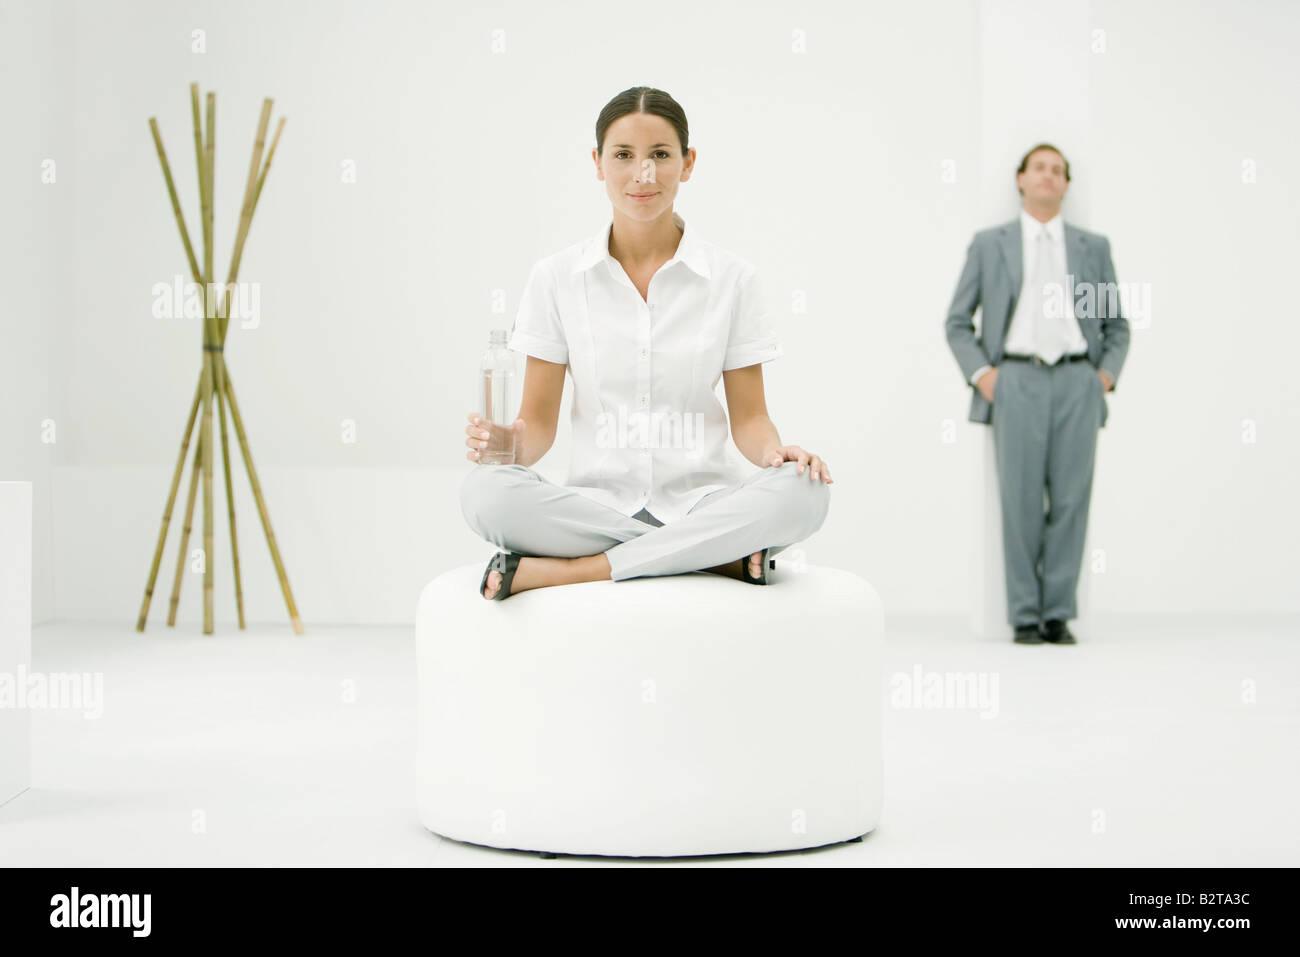 Professional donna seduta su ottomano, tenendo la bottiglia di acqua, imprenditore e bambù in background Immagini Stock